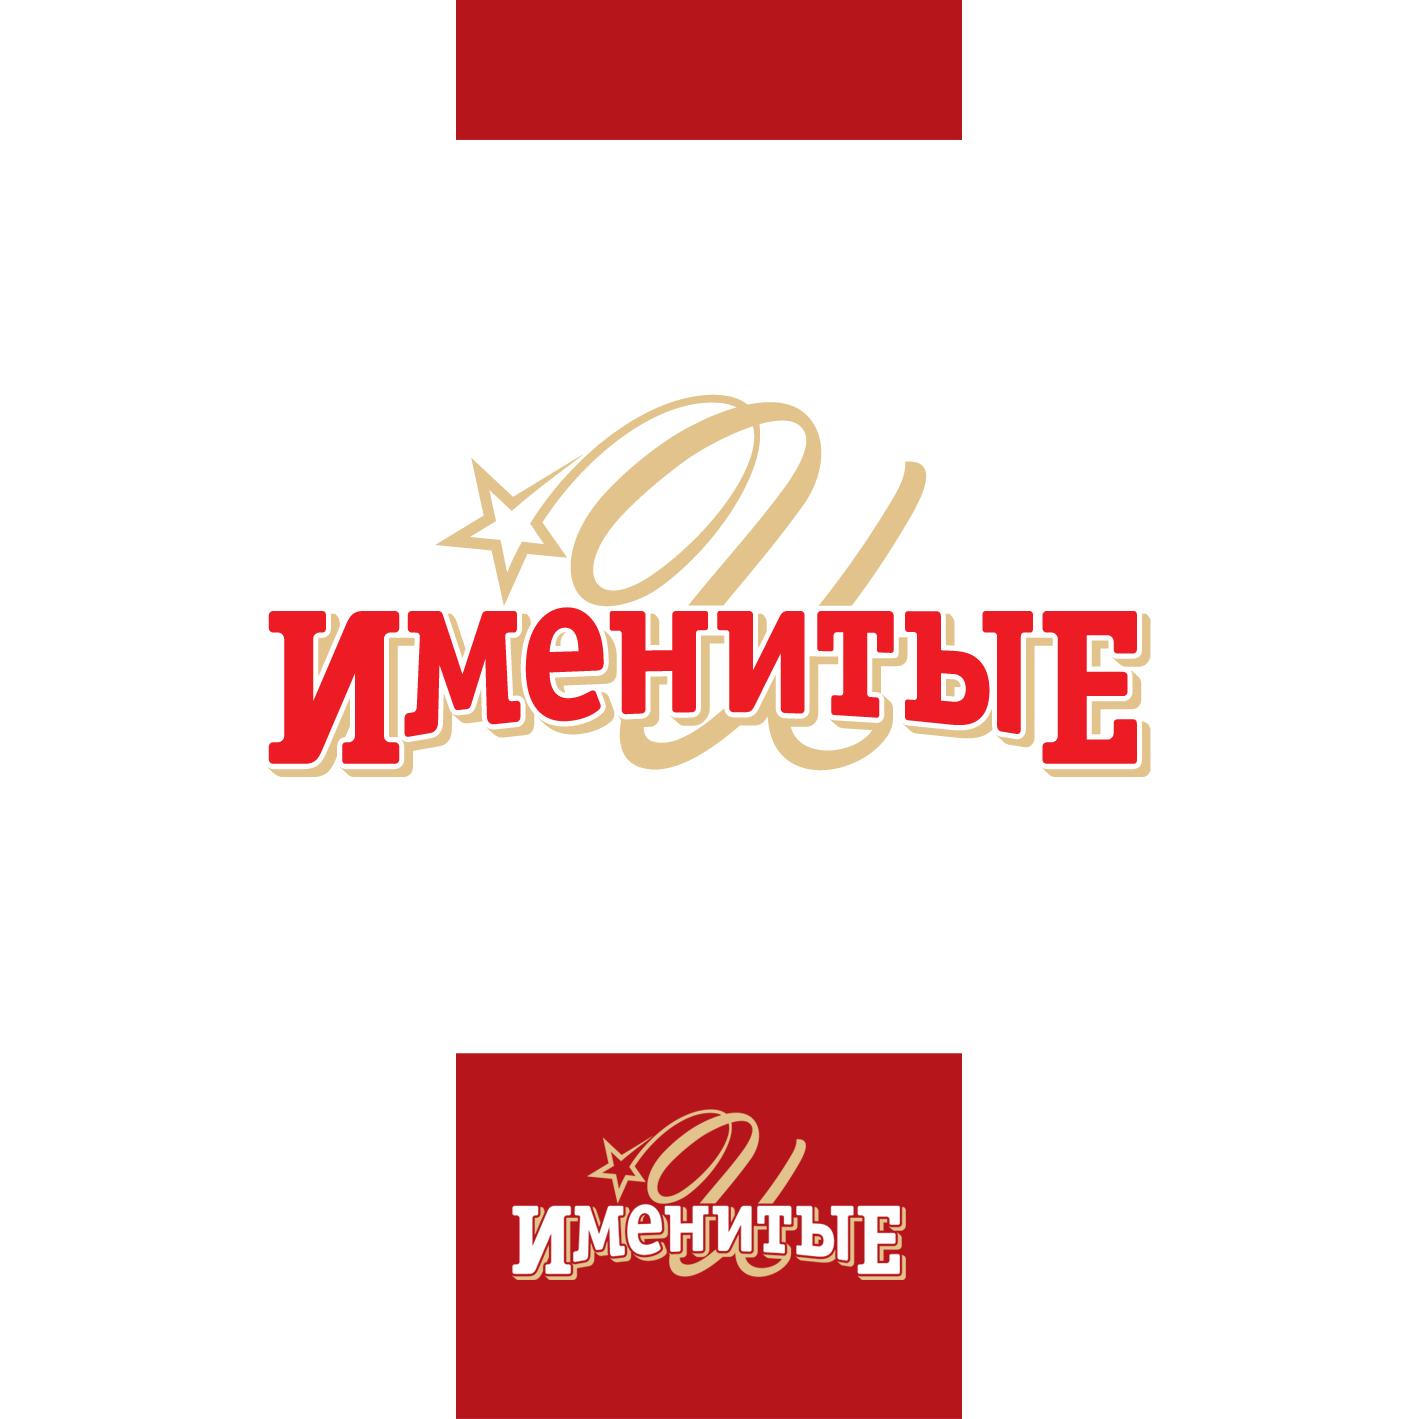 Логотип и фирменный стиль продуктов питания фото f_3005bb54de2ea0fa.png